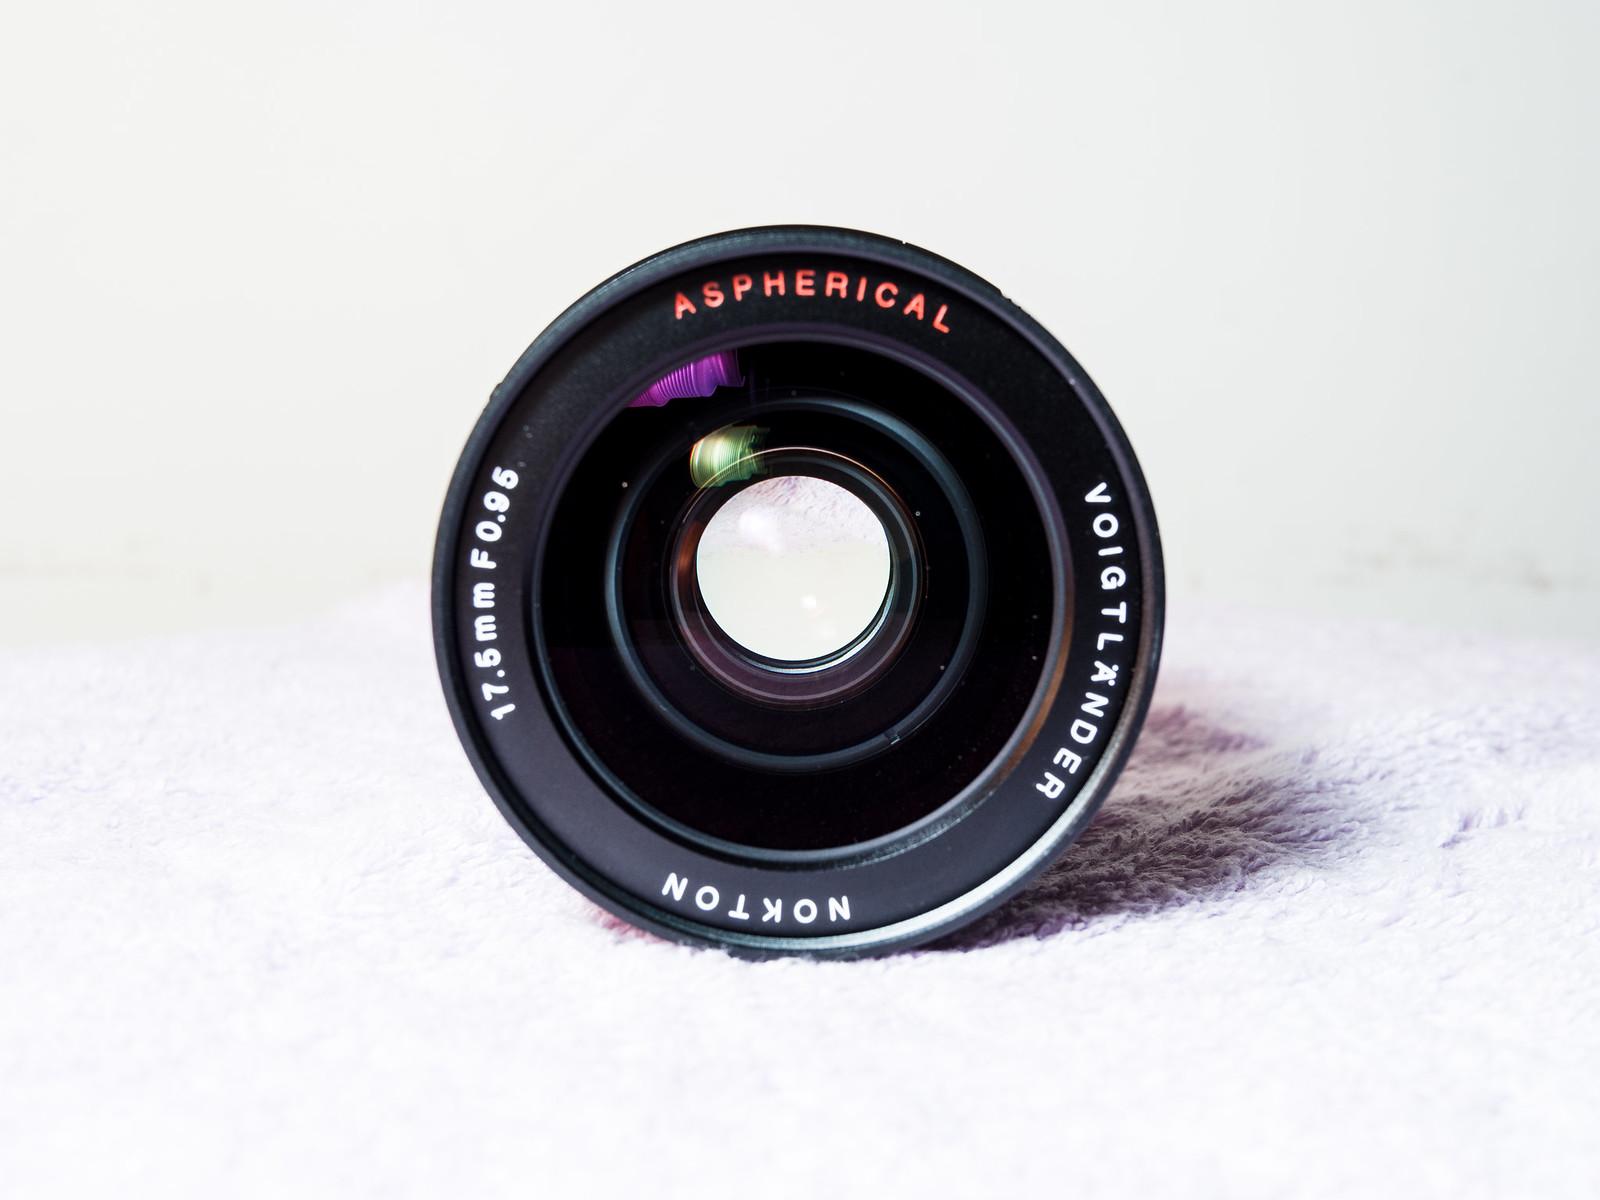 Voigtlander 17.5mm f0.95